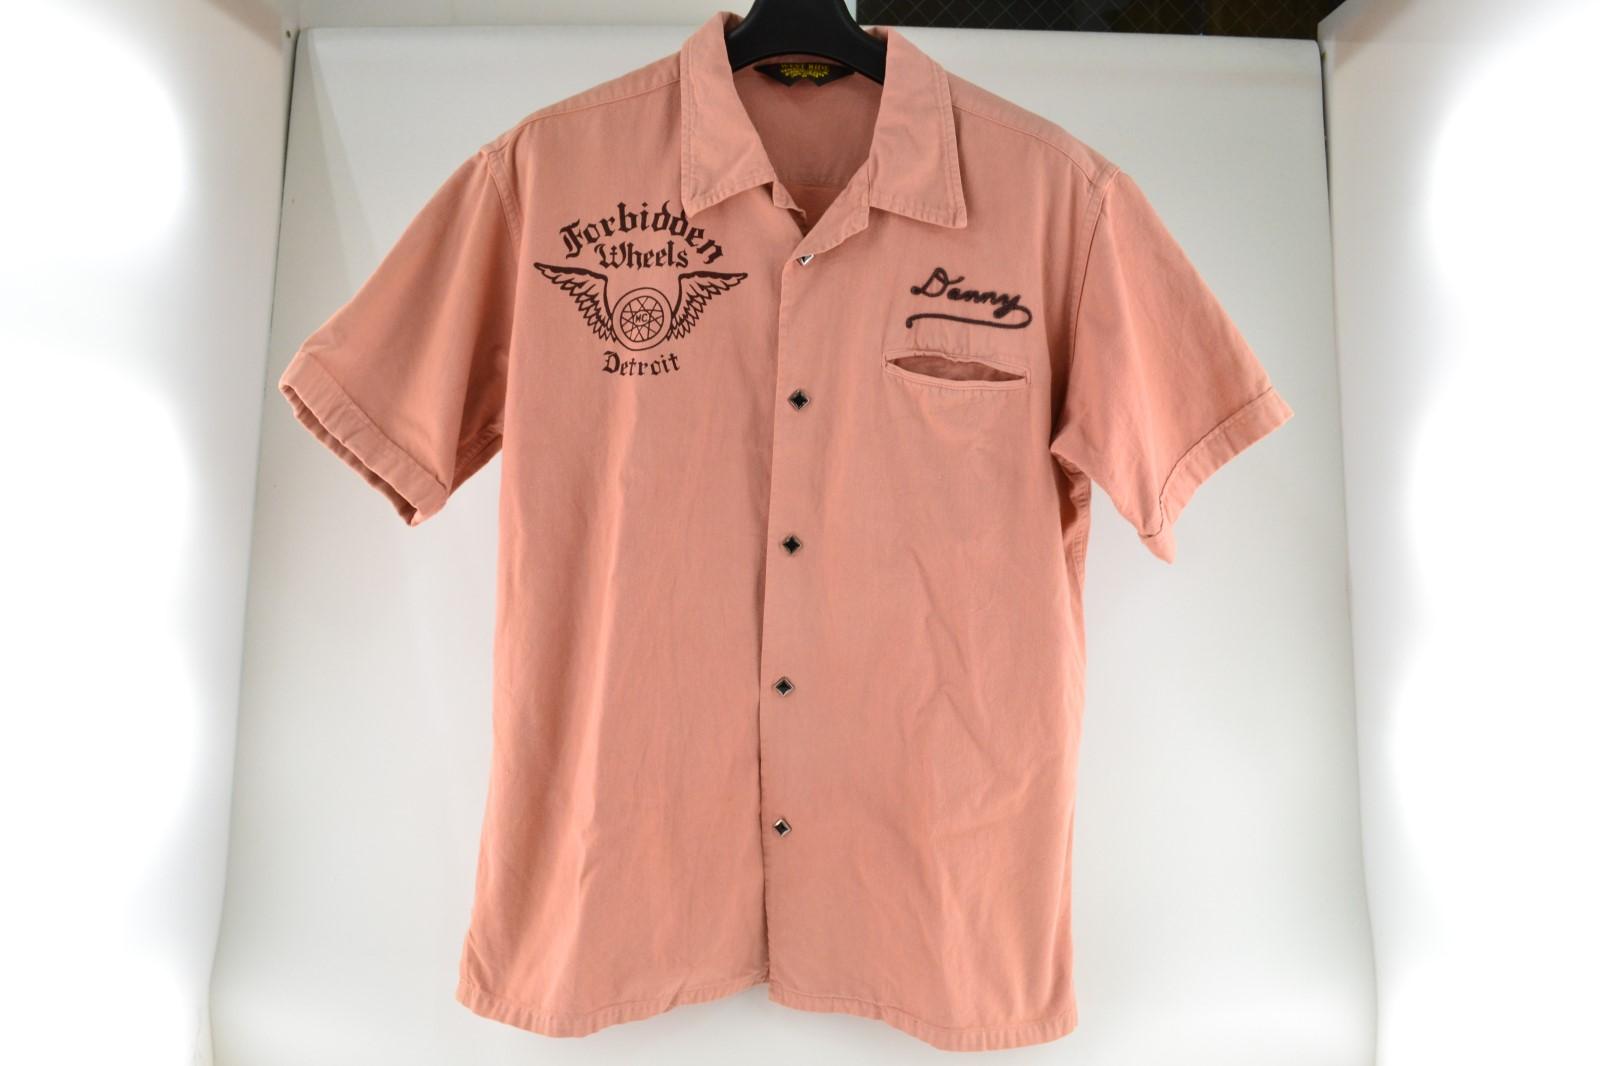 中古 WESTRIDE ウエストライド 半袖シャツ アメカジ メンズ プリントシャツ 02r3210 サイズ38 ピンク セールSALE%OFF 中古品 ショッピング